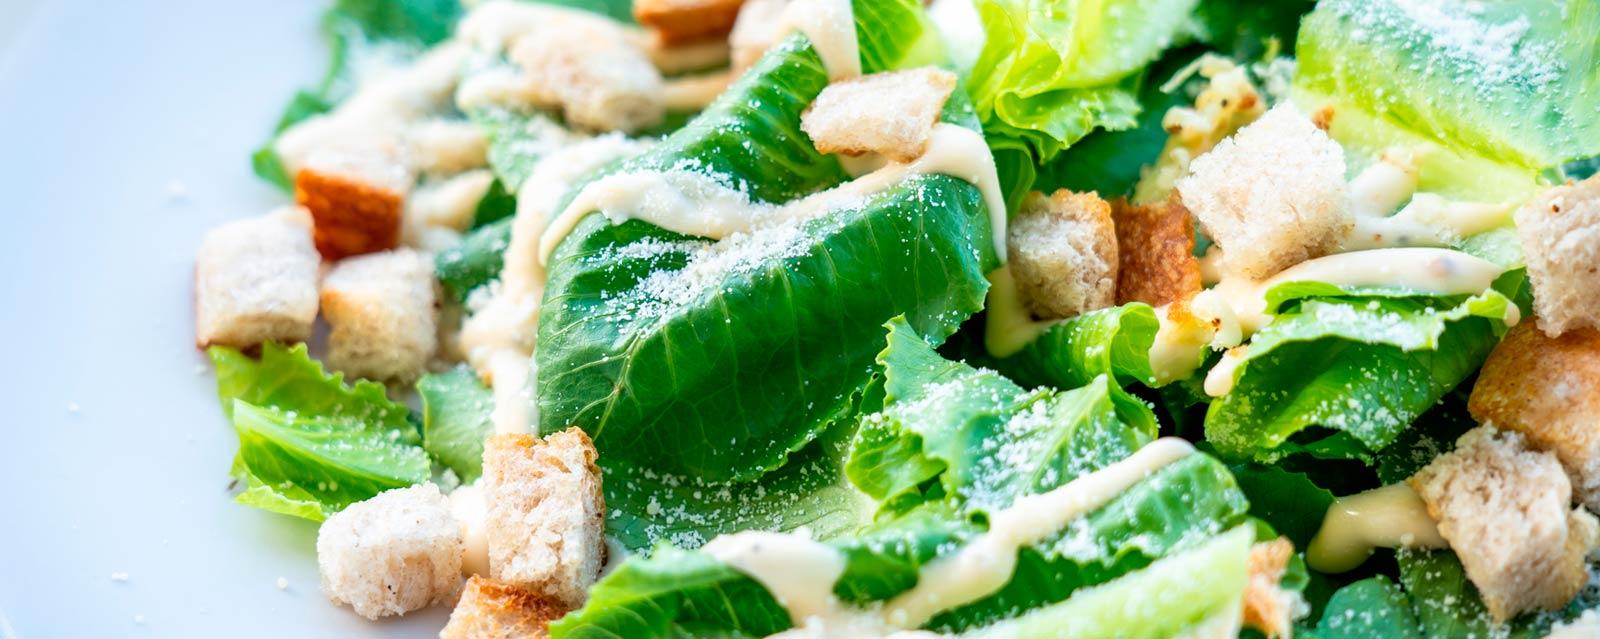 alimentos que no son muy saludables